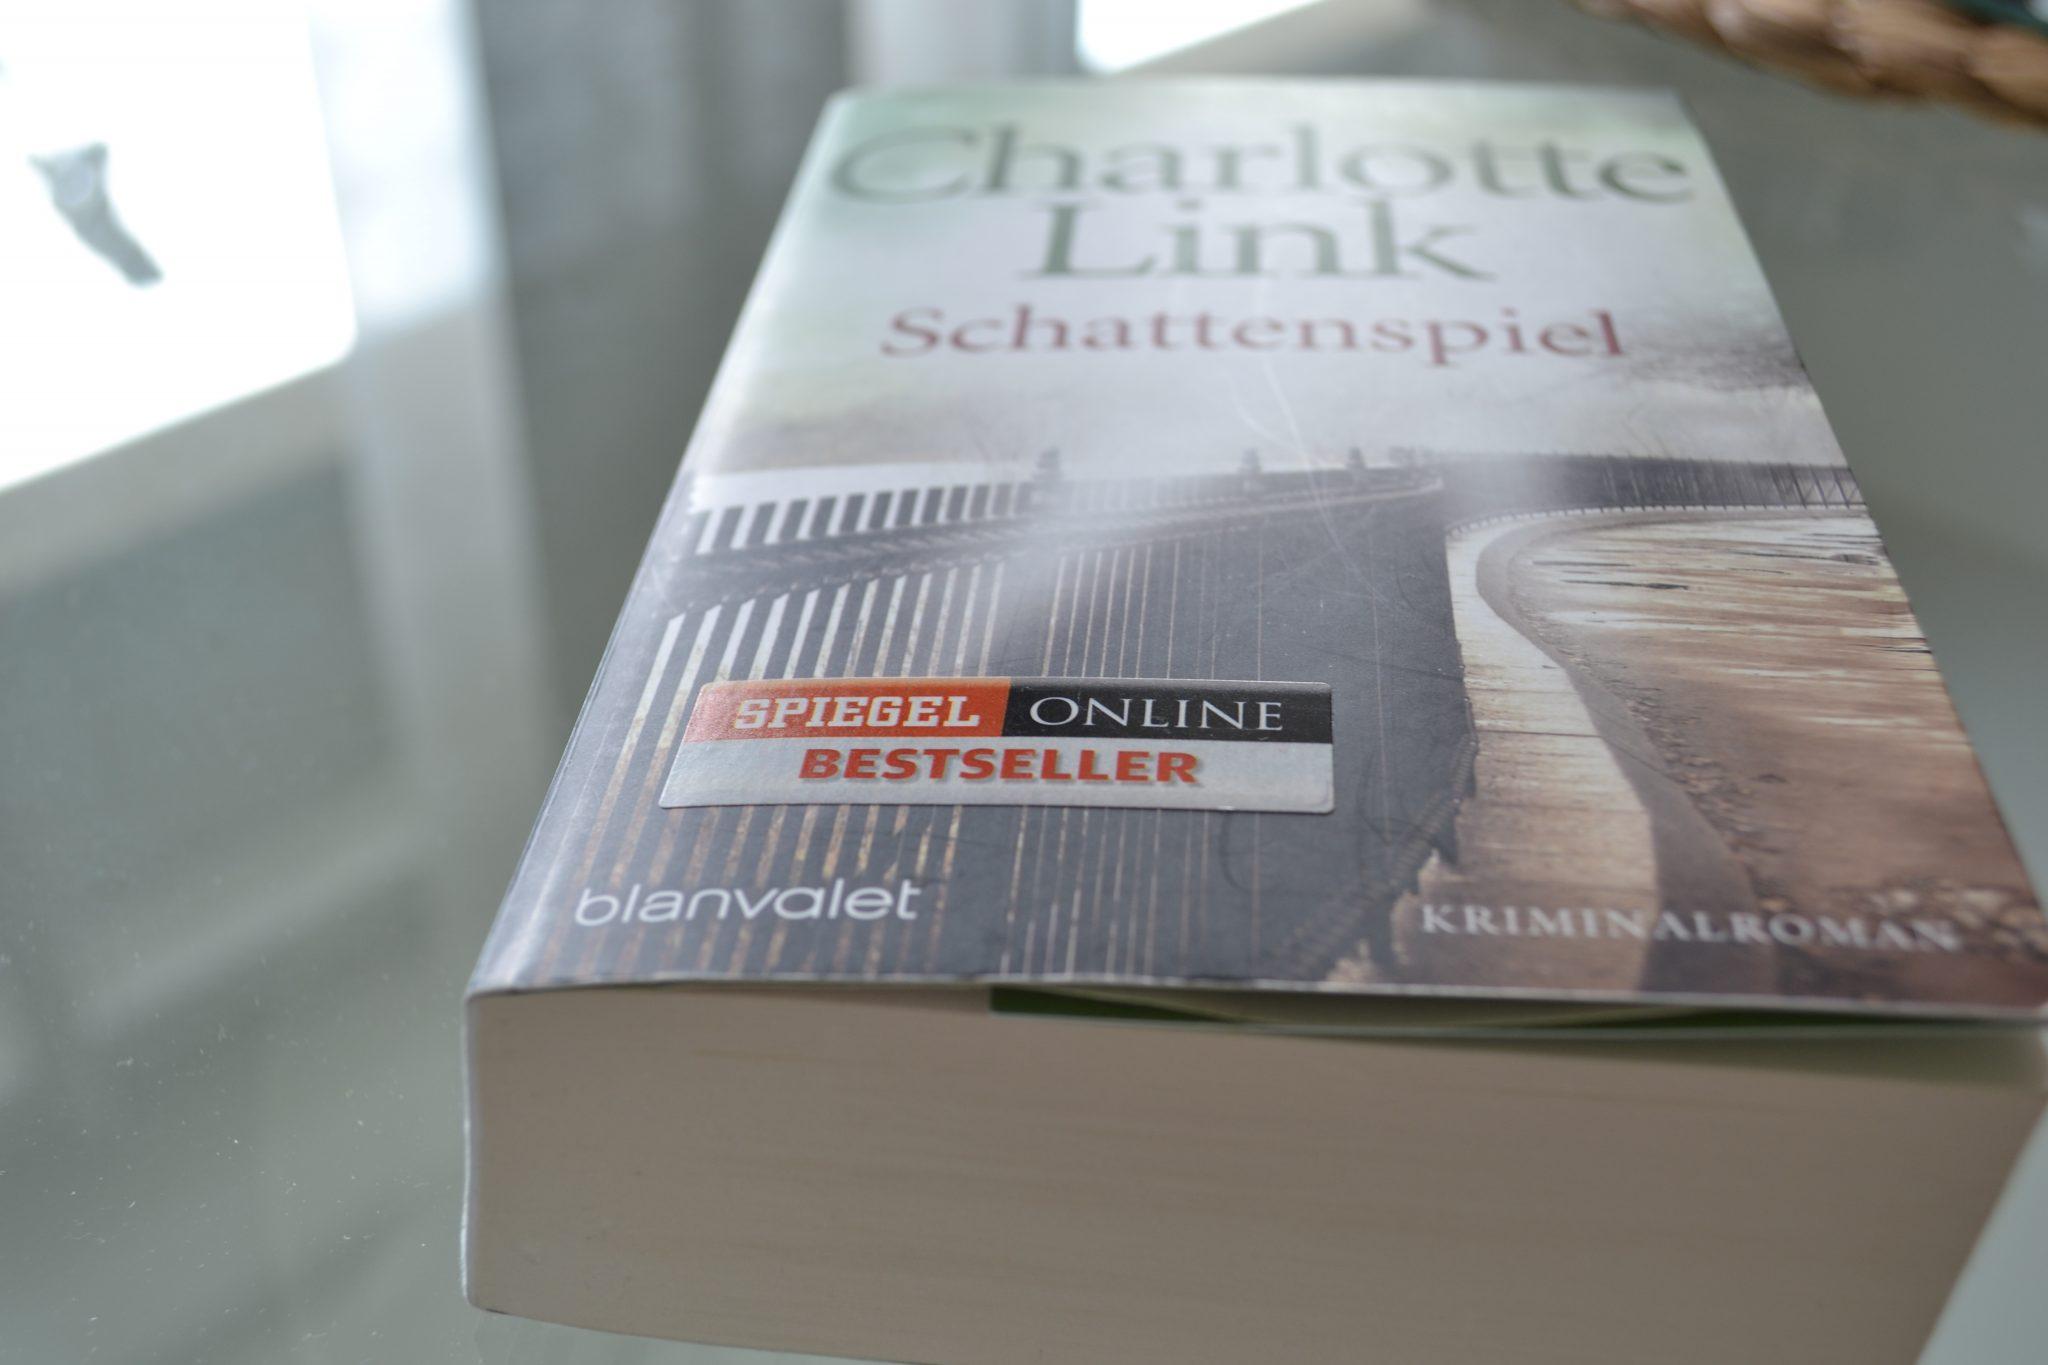 Books: Schattenspiel | Charlotte Link - DSC 0510